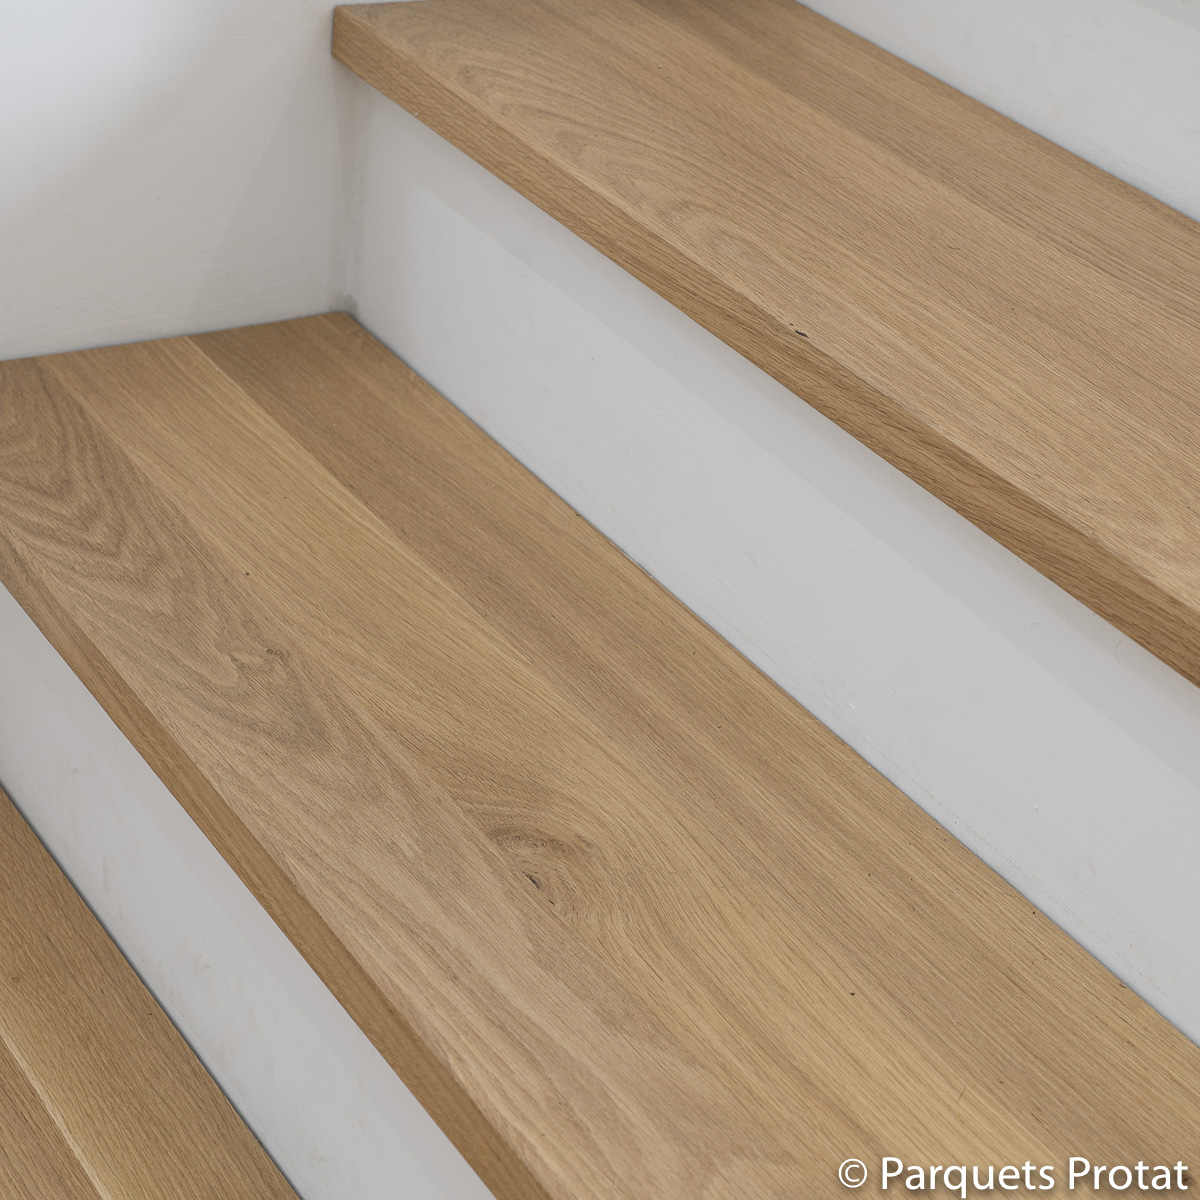 Panneaux en chêne massif, habillage d'un escalier